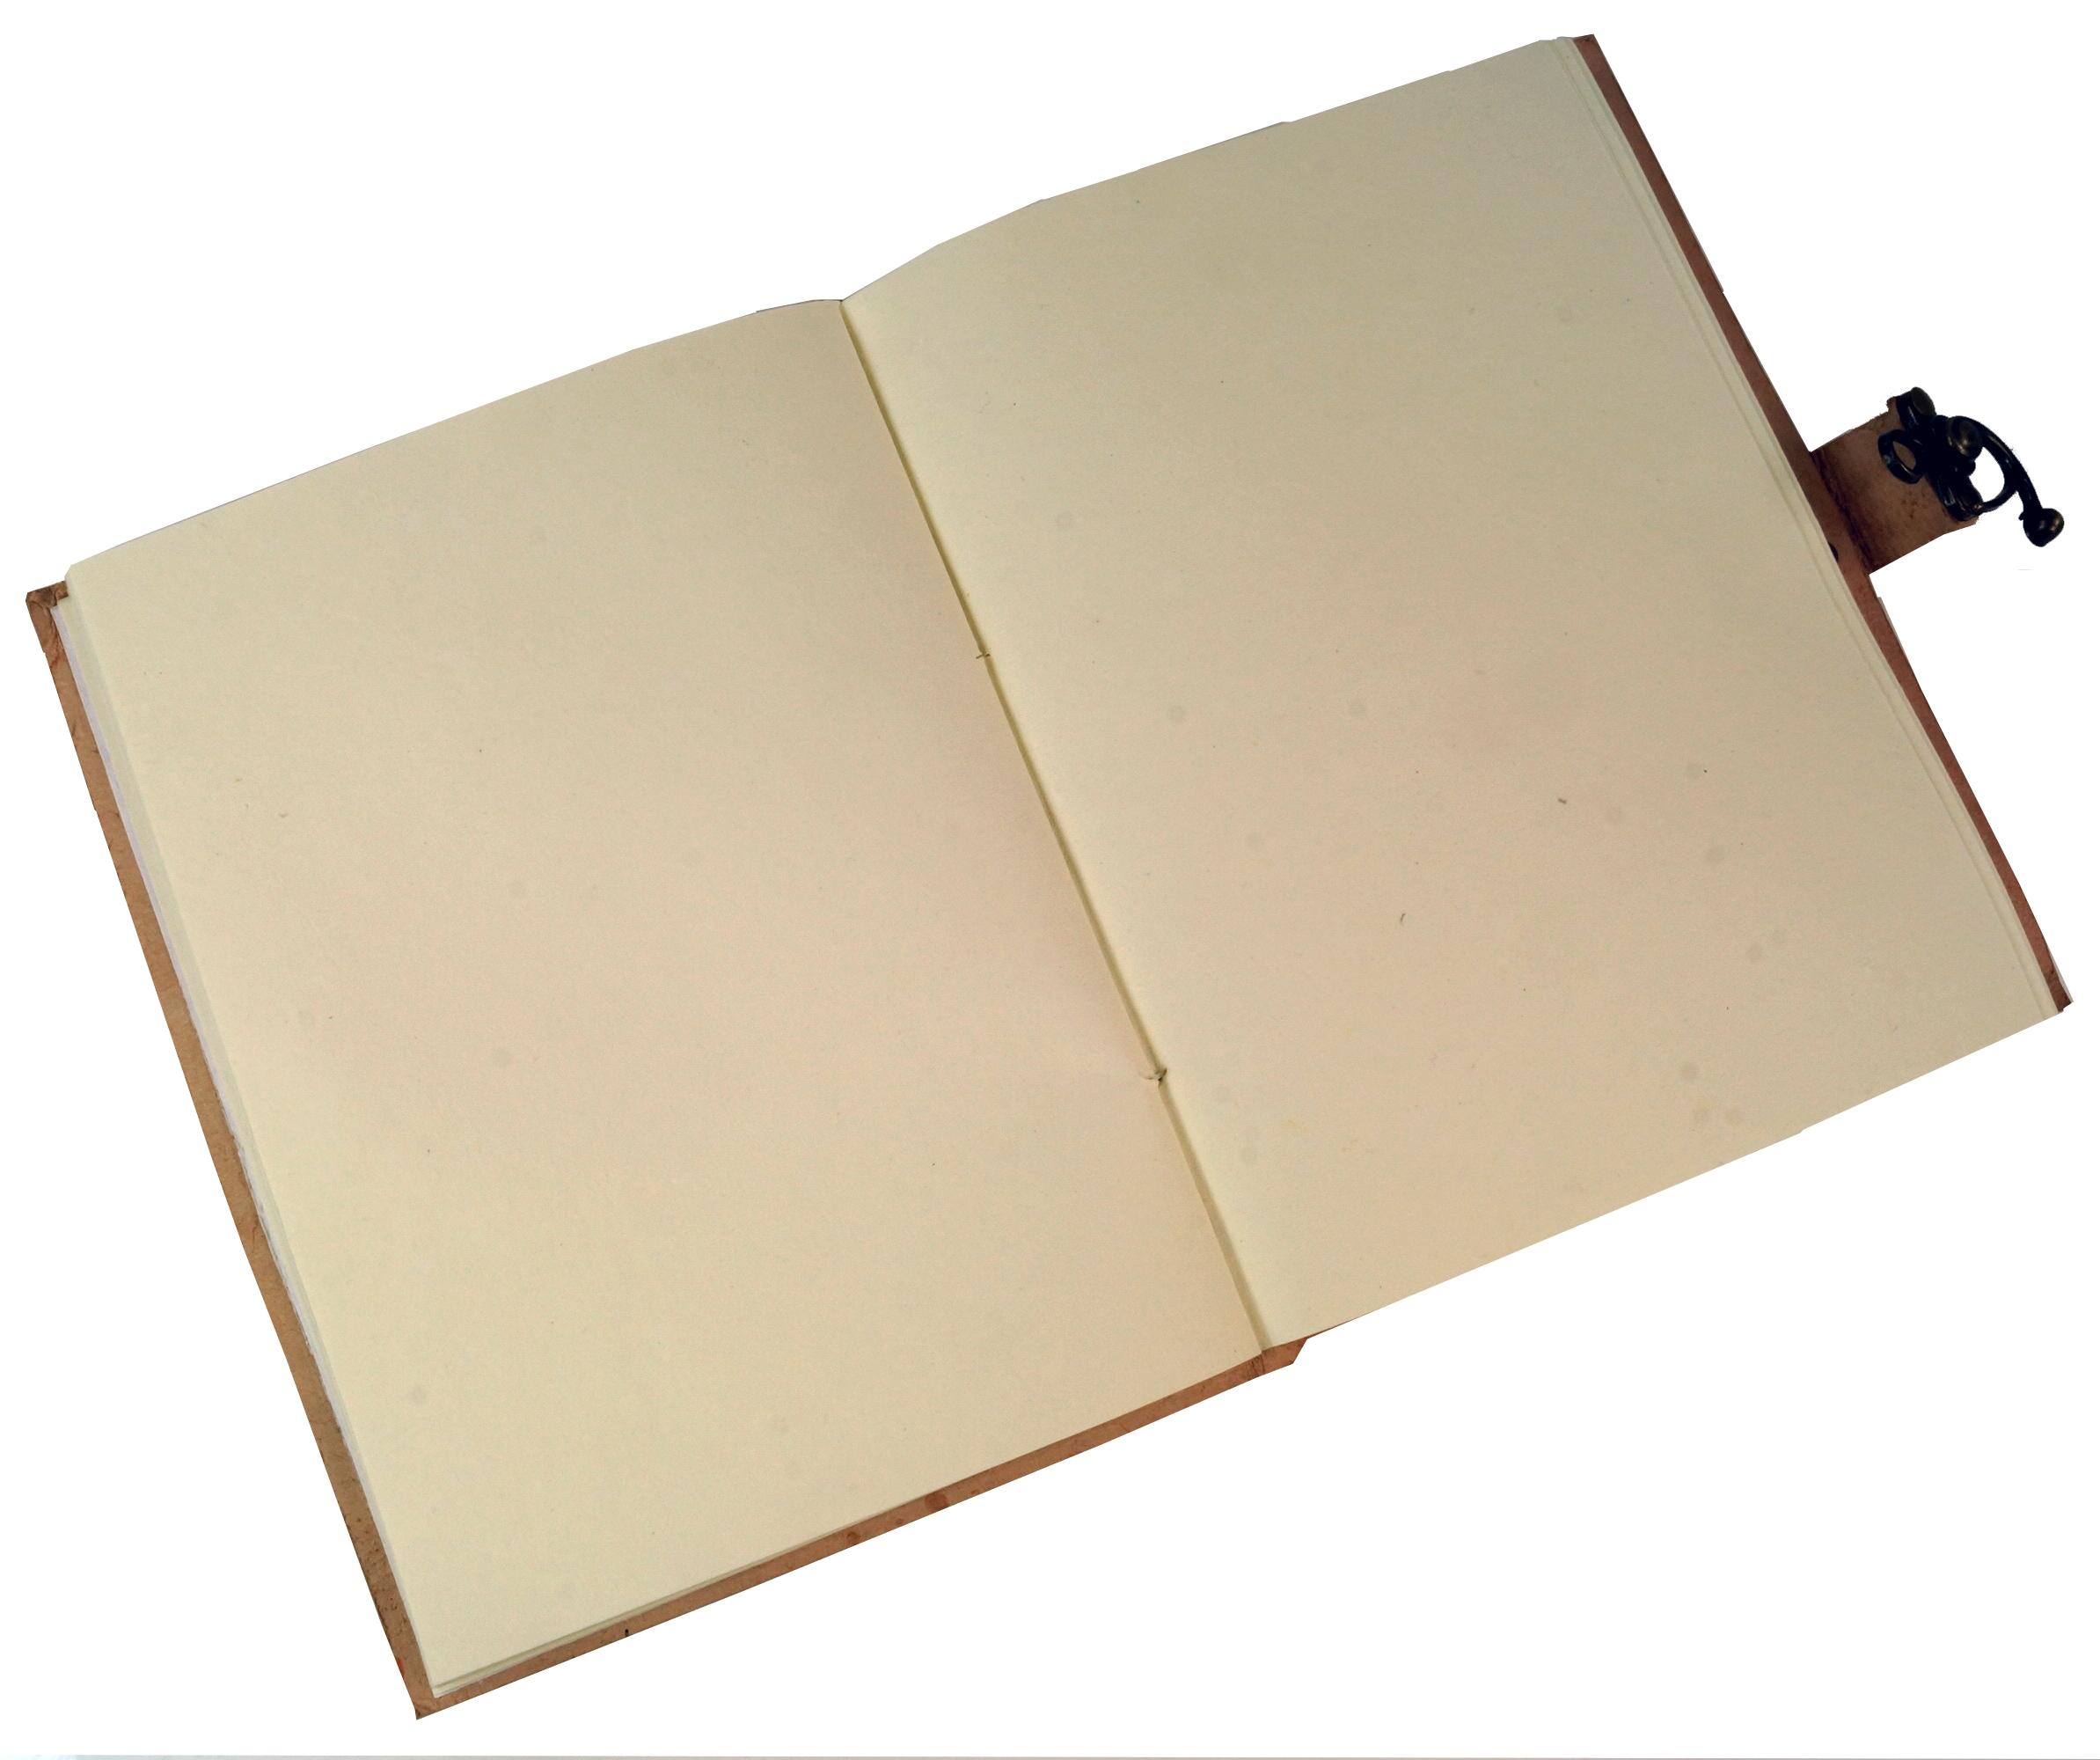 notizbuch lederbuch tagebuch mit ledereinband und. Black Bedroom Furniture Sets. Home Design Ideas